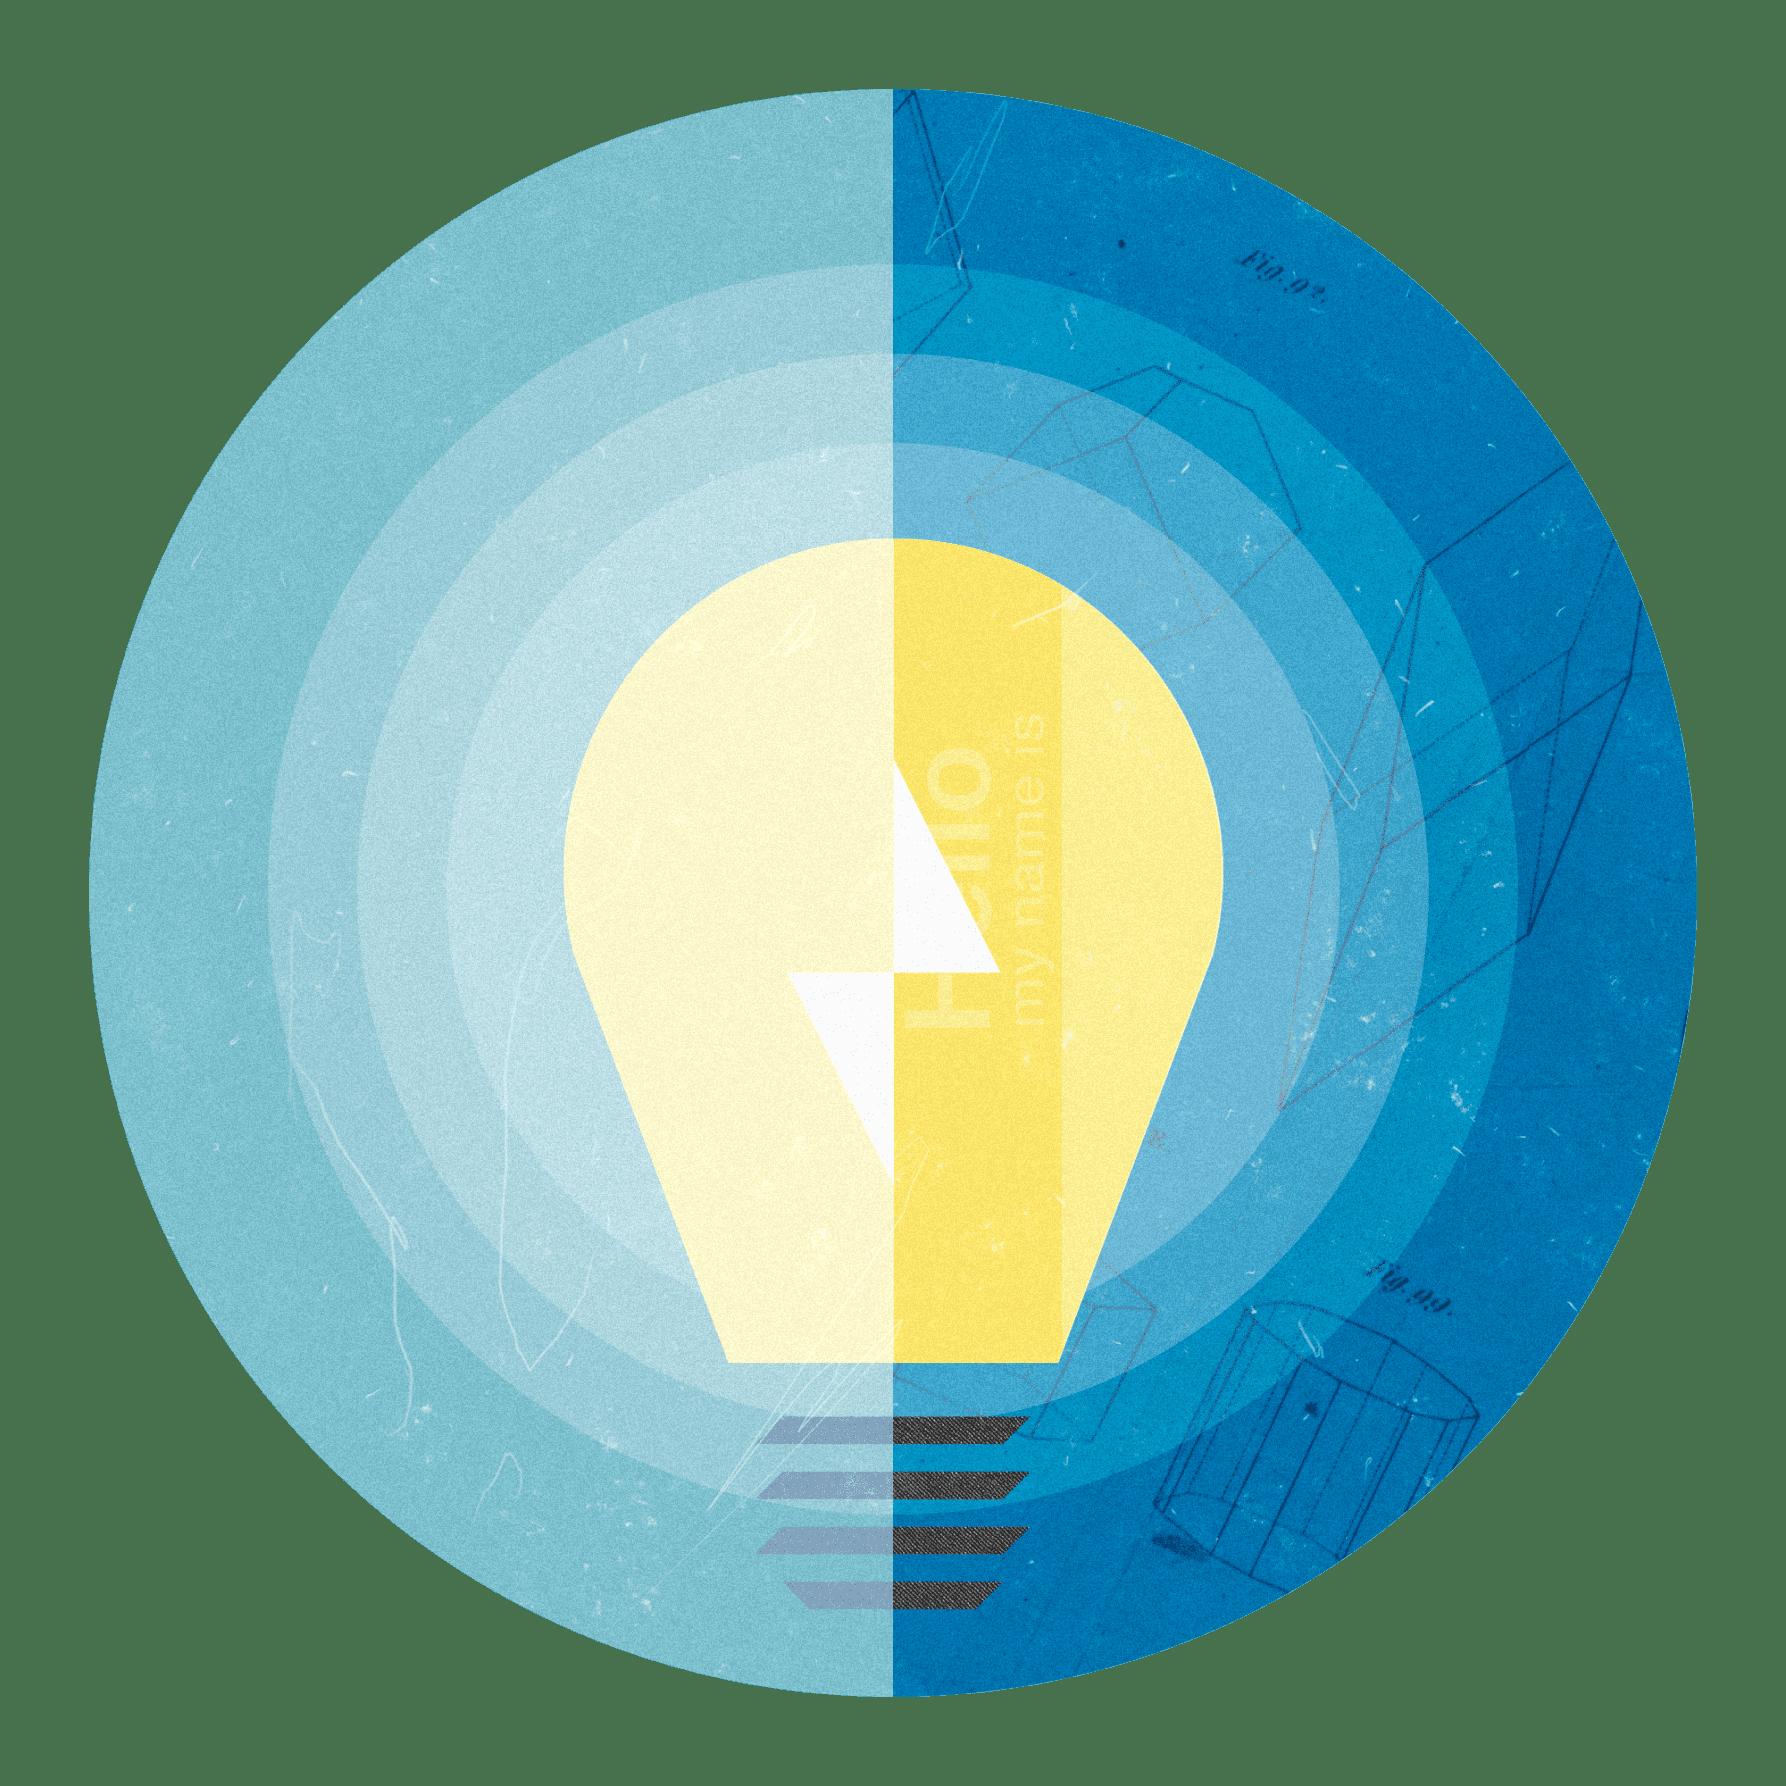 Principled Entrepreneurship icon